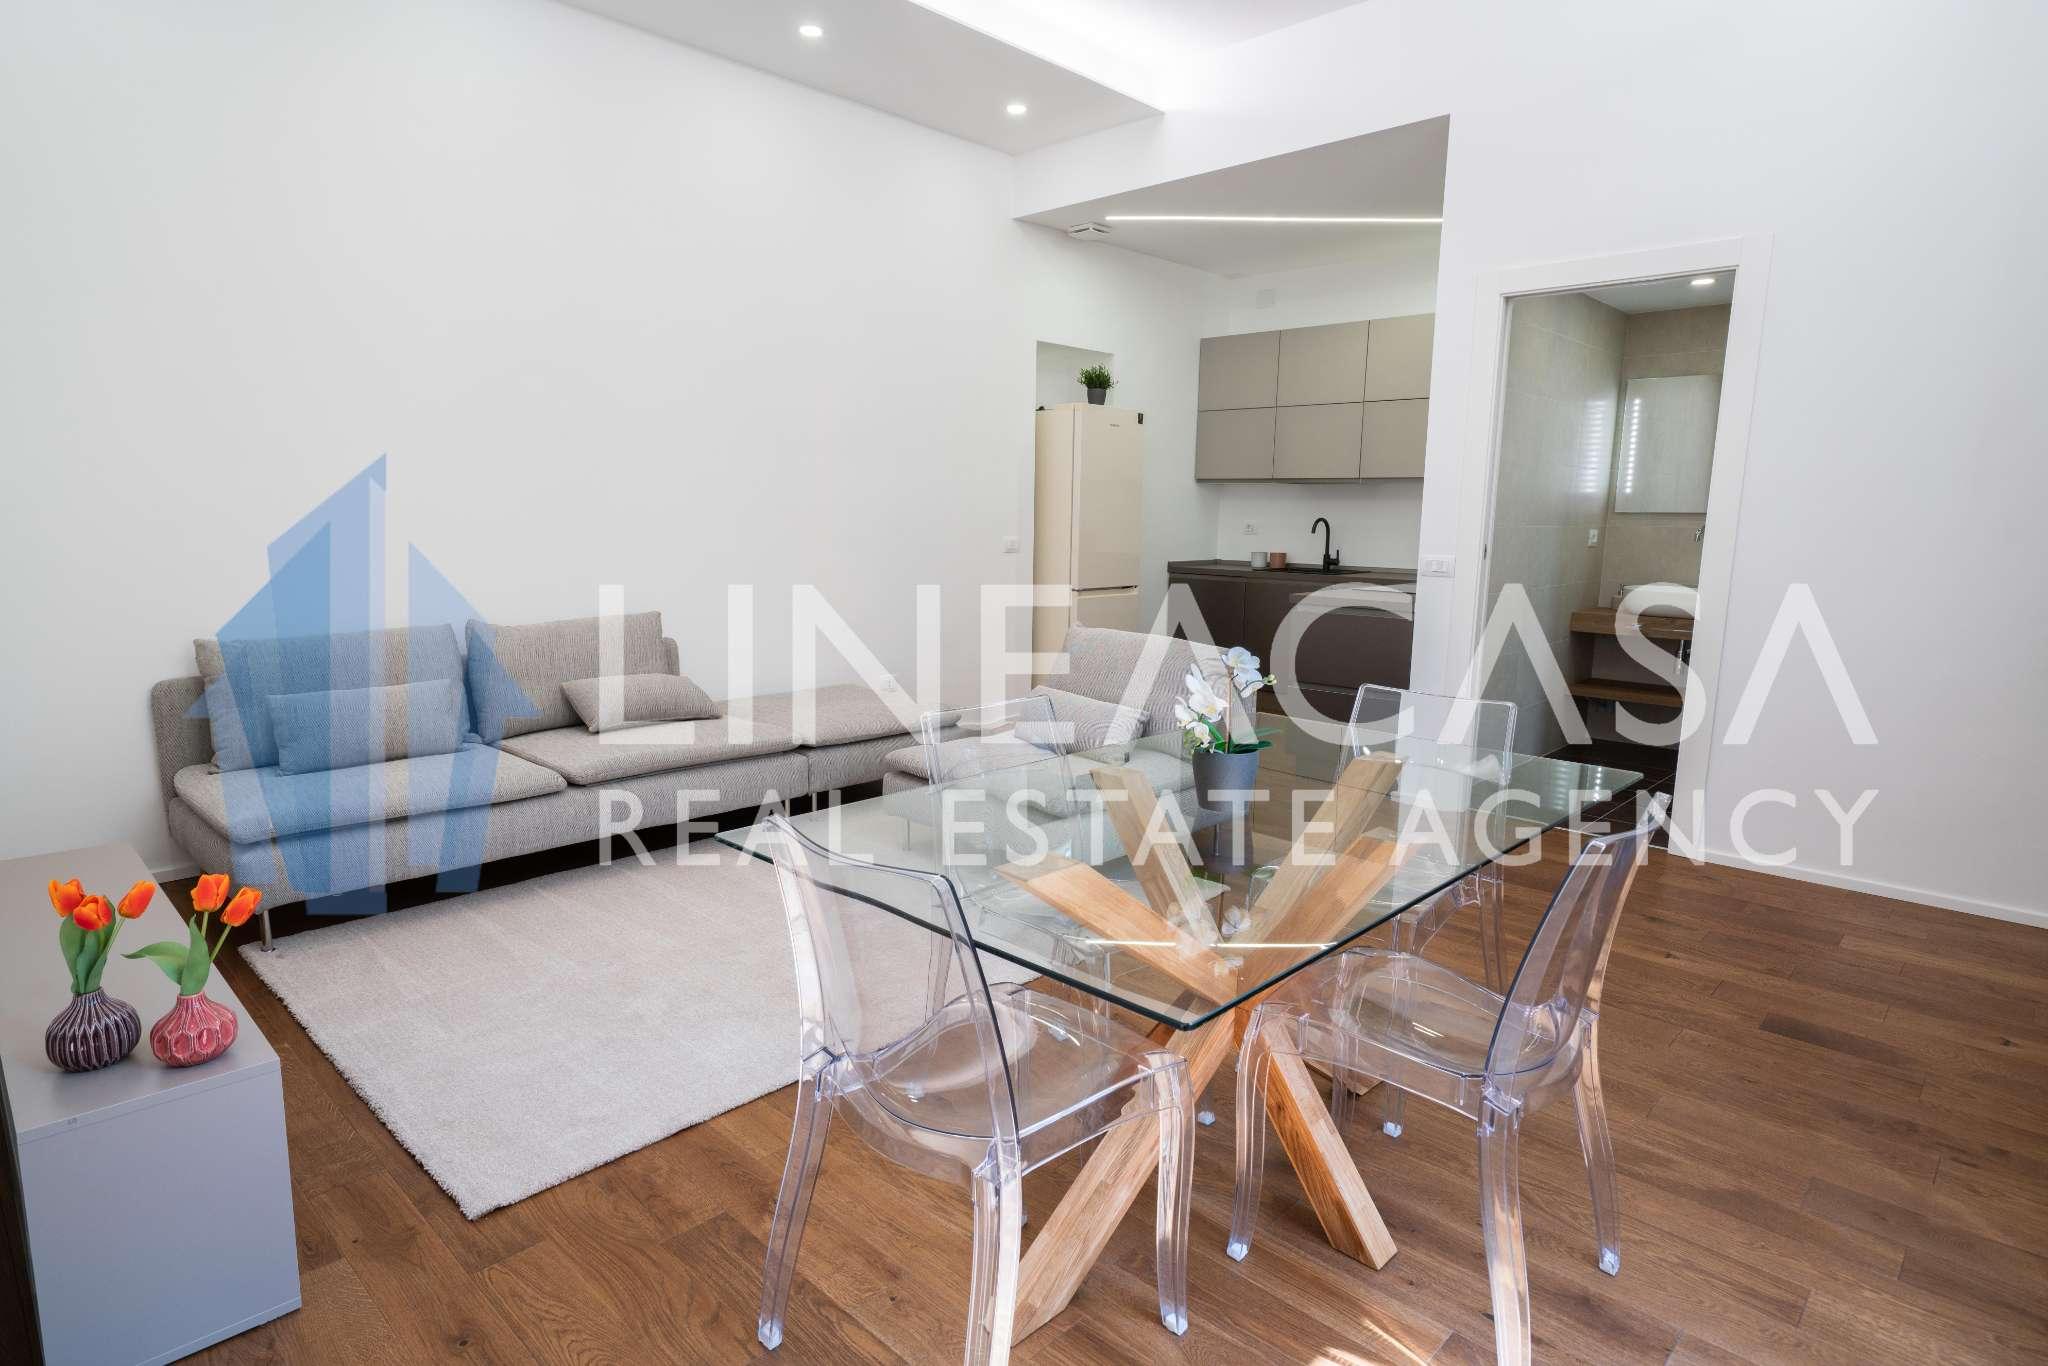 Milano Milano Vendita APPARTAMENTO >> annunci immobiliari, appartamenti in vendita a torino